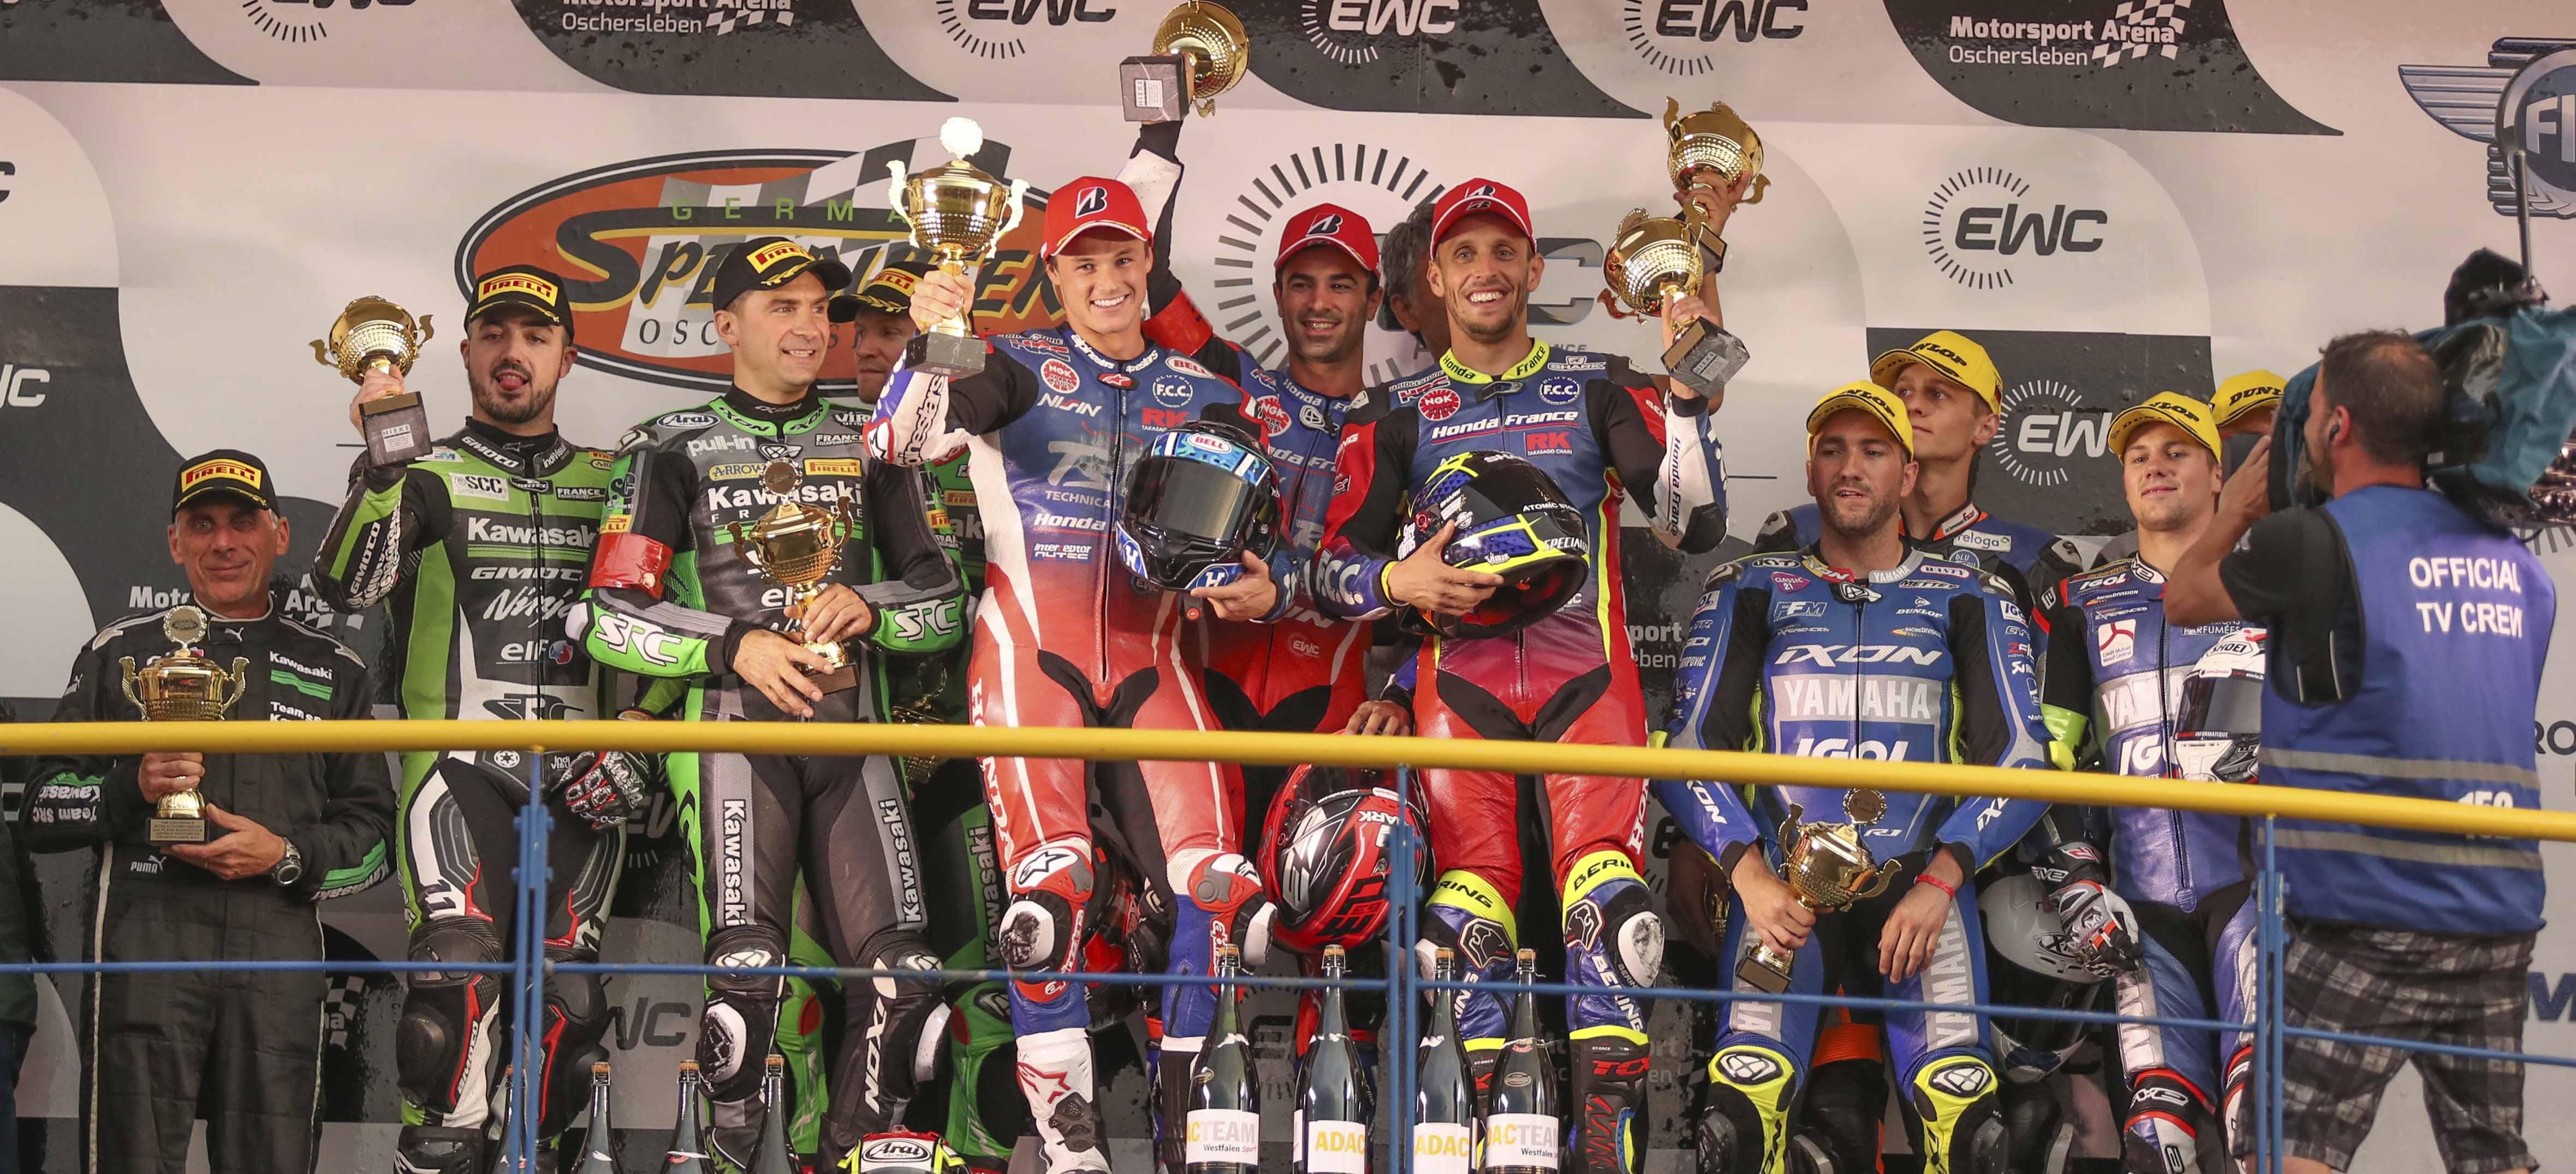 F.C.C. TSR Honda France win in Germany